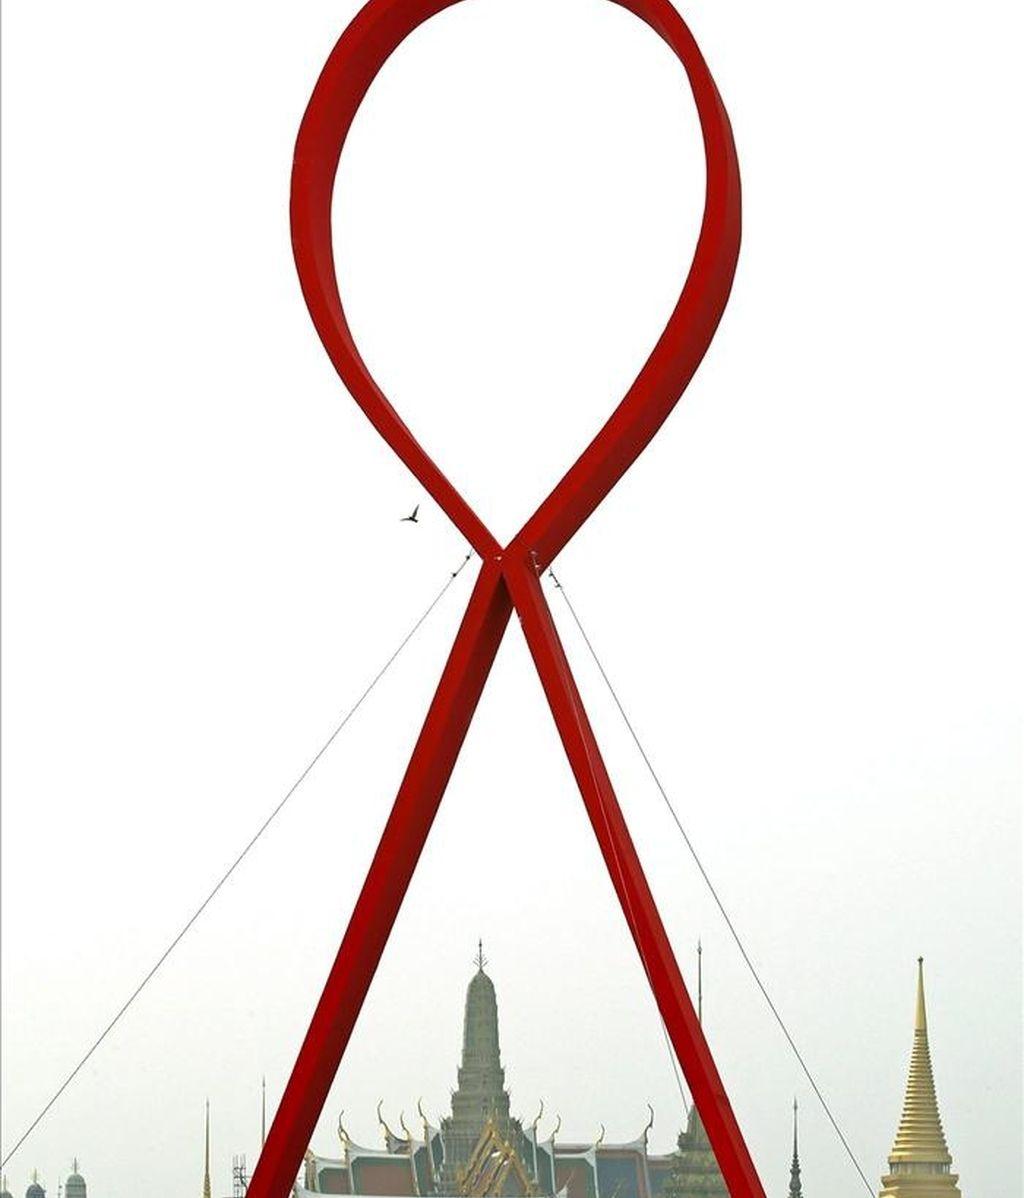 Johnson & Johnson encontró en lotes de su medicamento para el virus del sida Prezista restos de un fungicida. En la imagen, el simbolo de la lucha contra el sida. EFE/Archivo